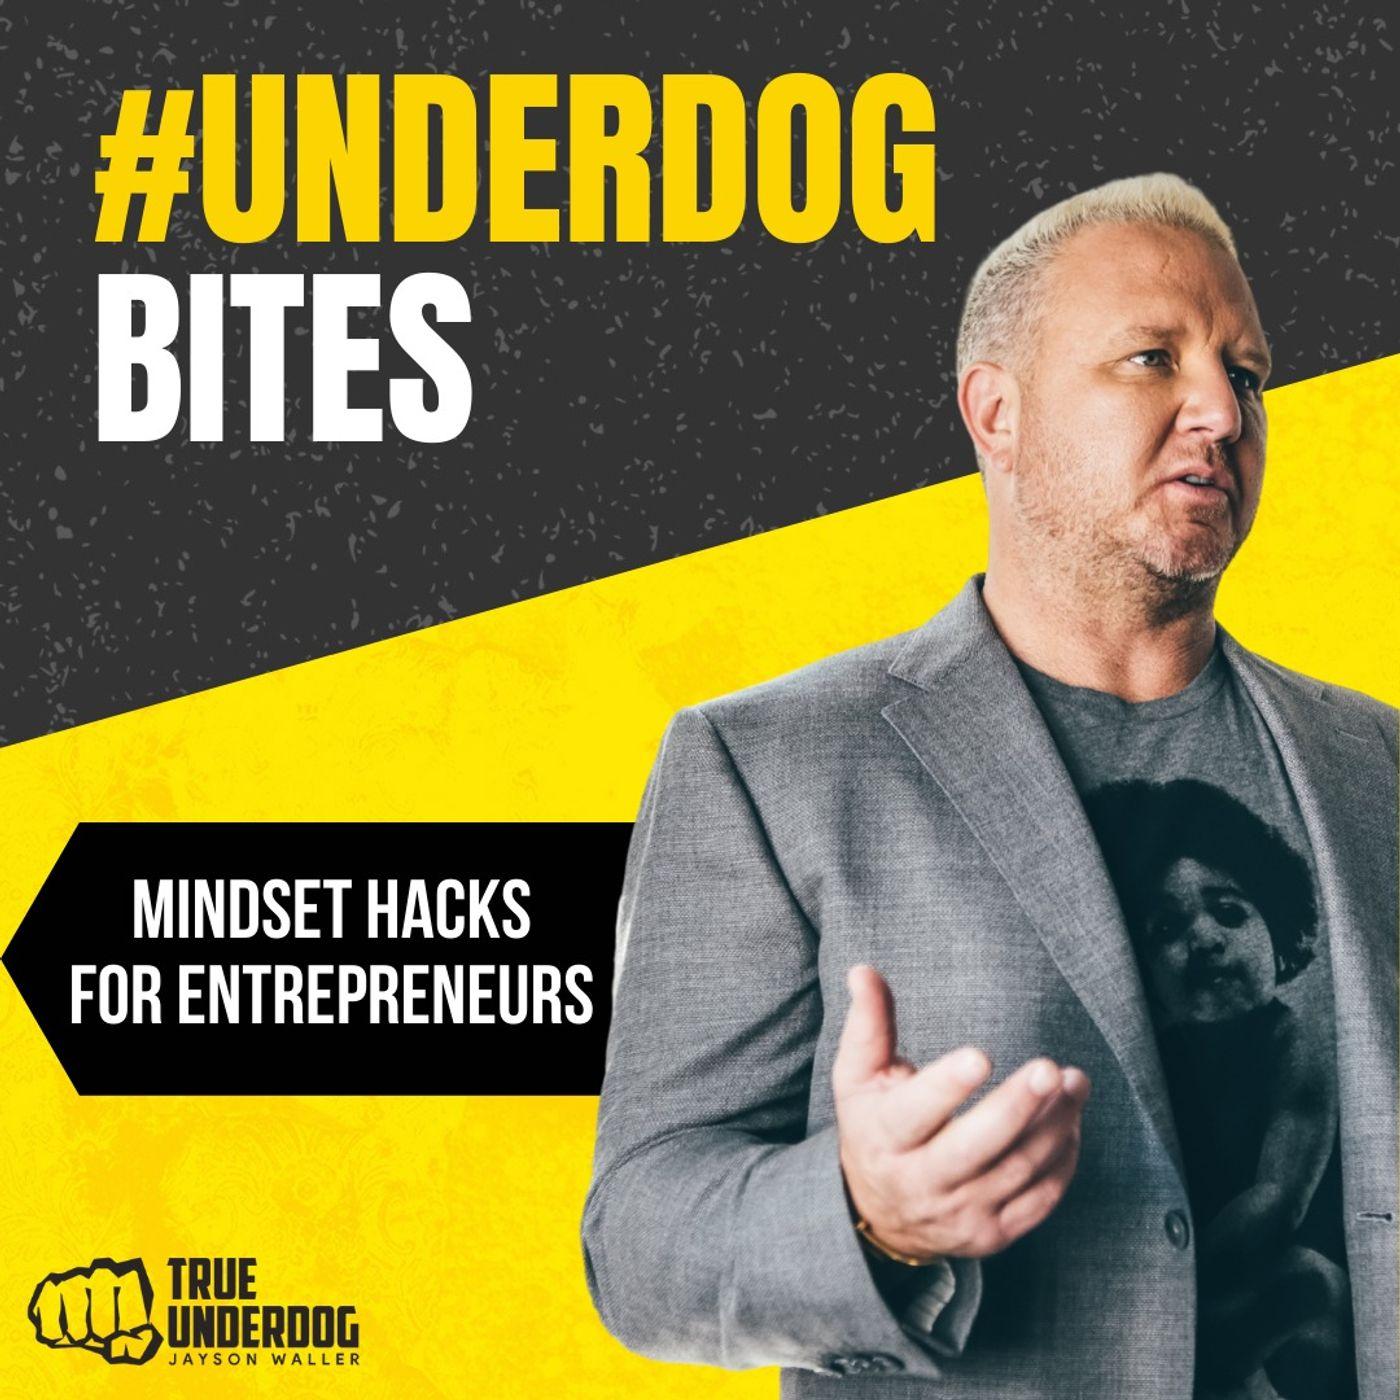 #UnderdogBites: Mindset Hacks for Entrepreneurs with Jayson Waller